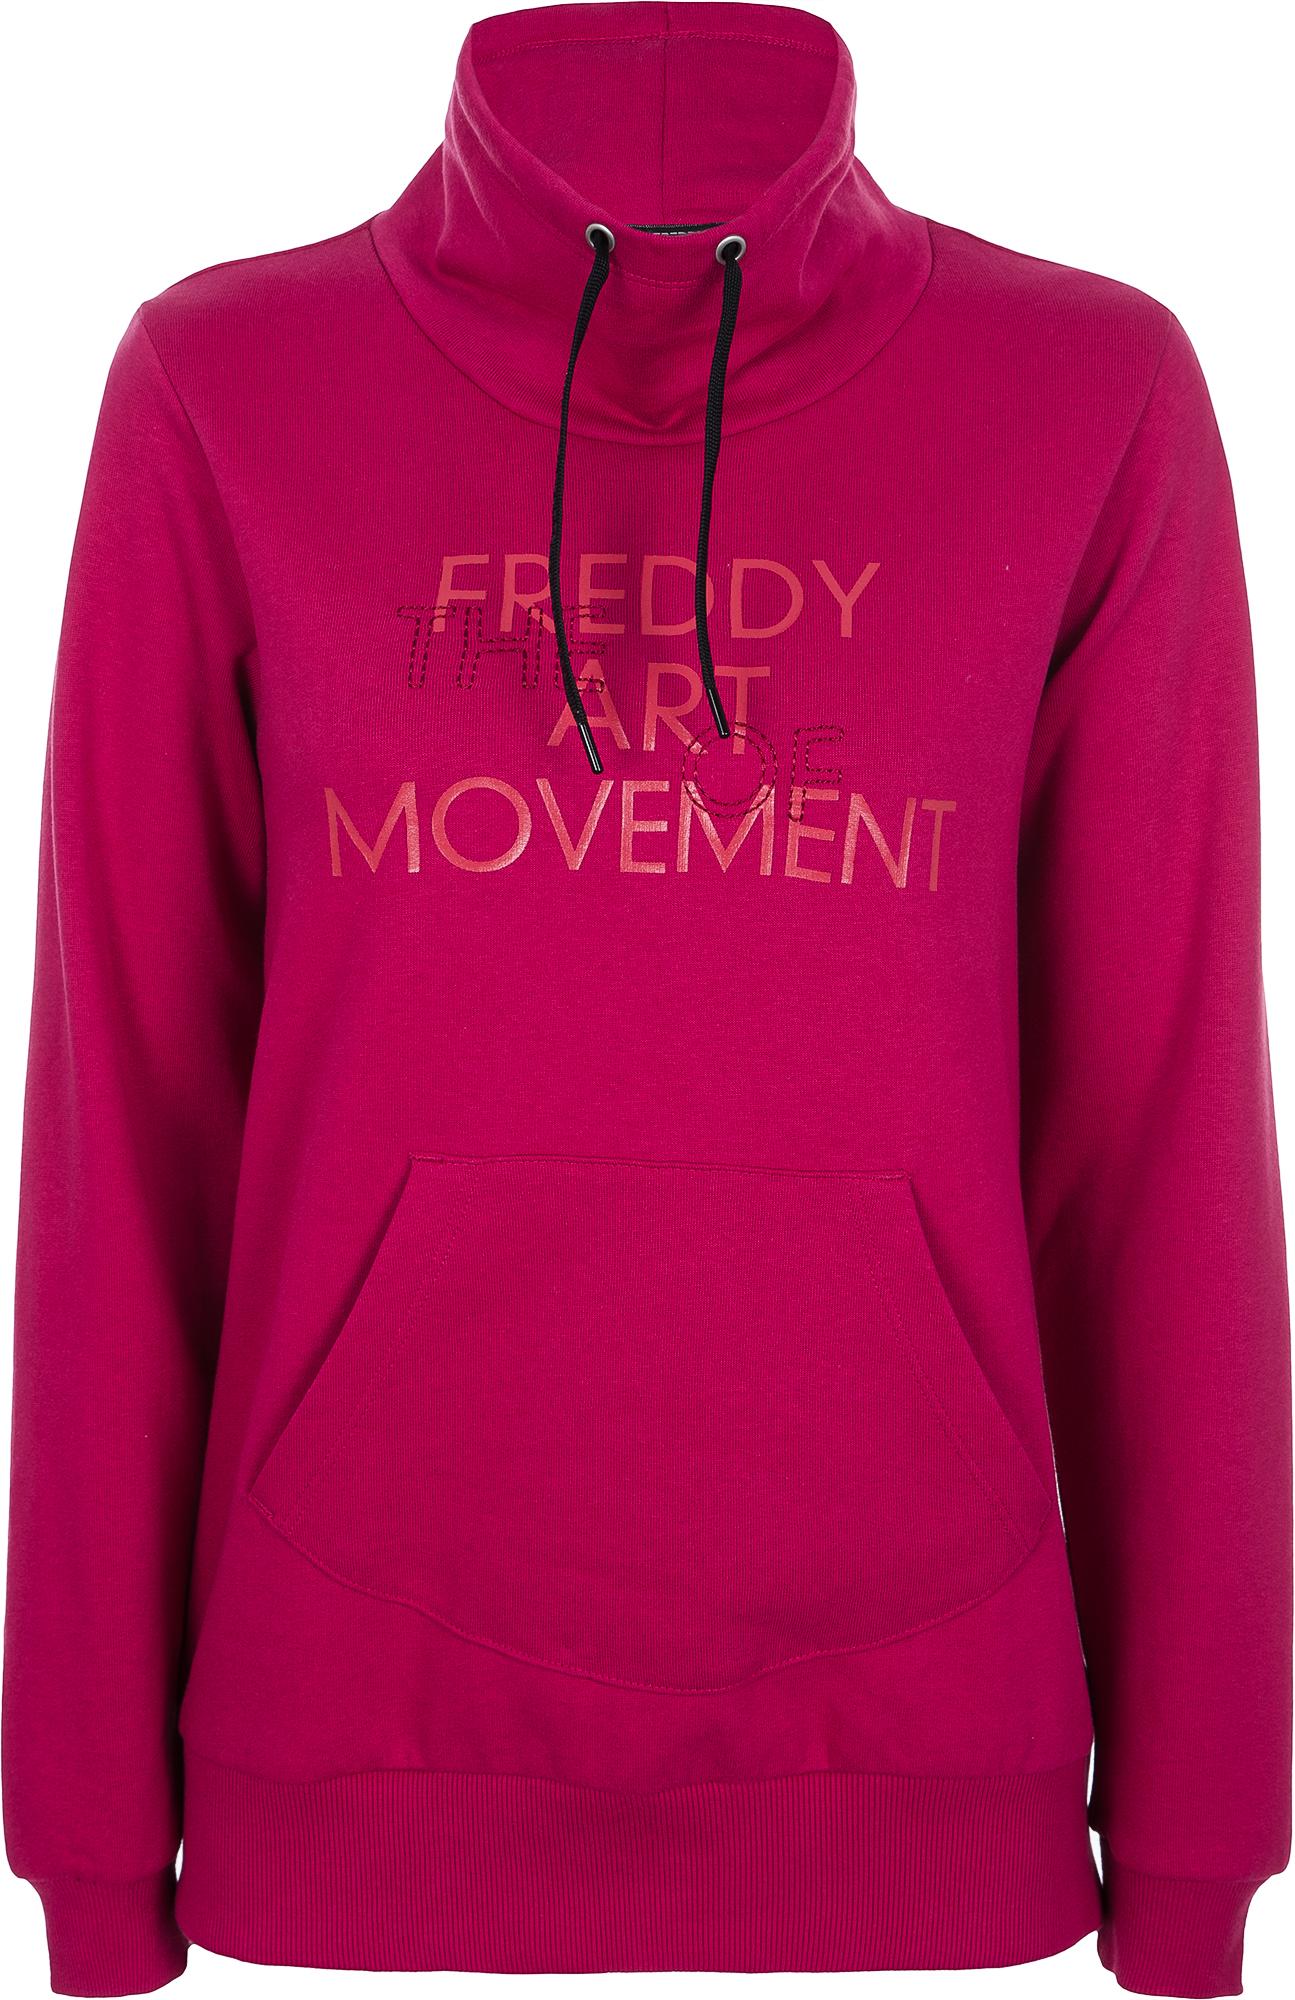 купить Freddy Худи женская Freddy, размер 48-50 по цене 3999 рублей